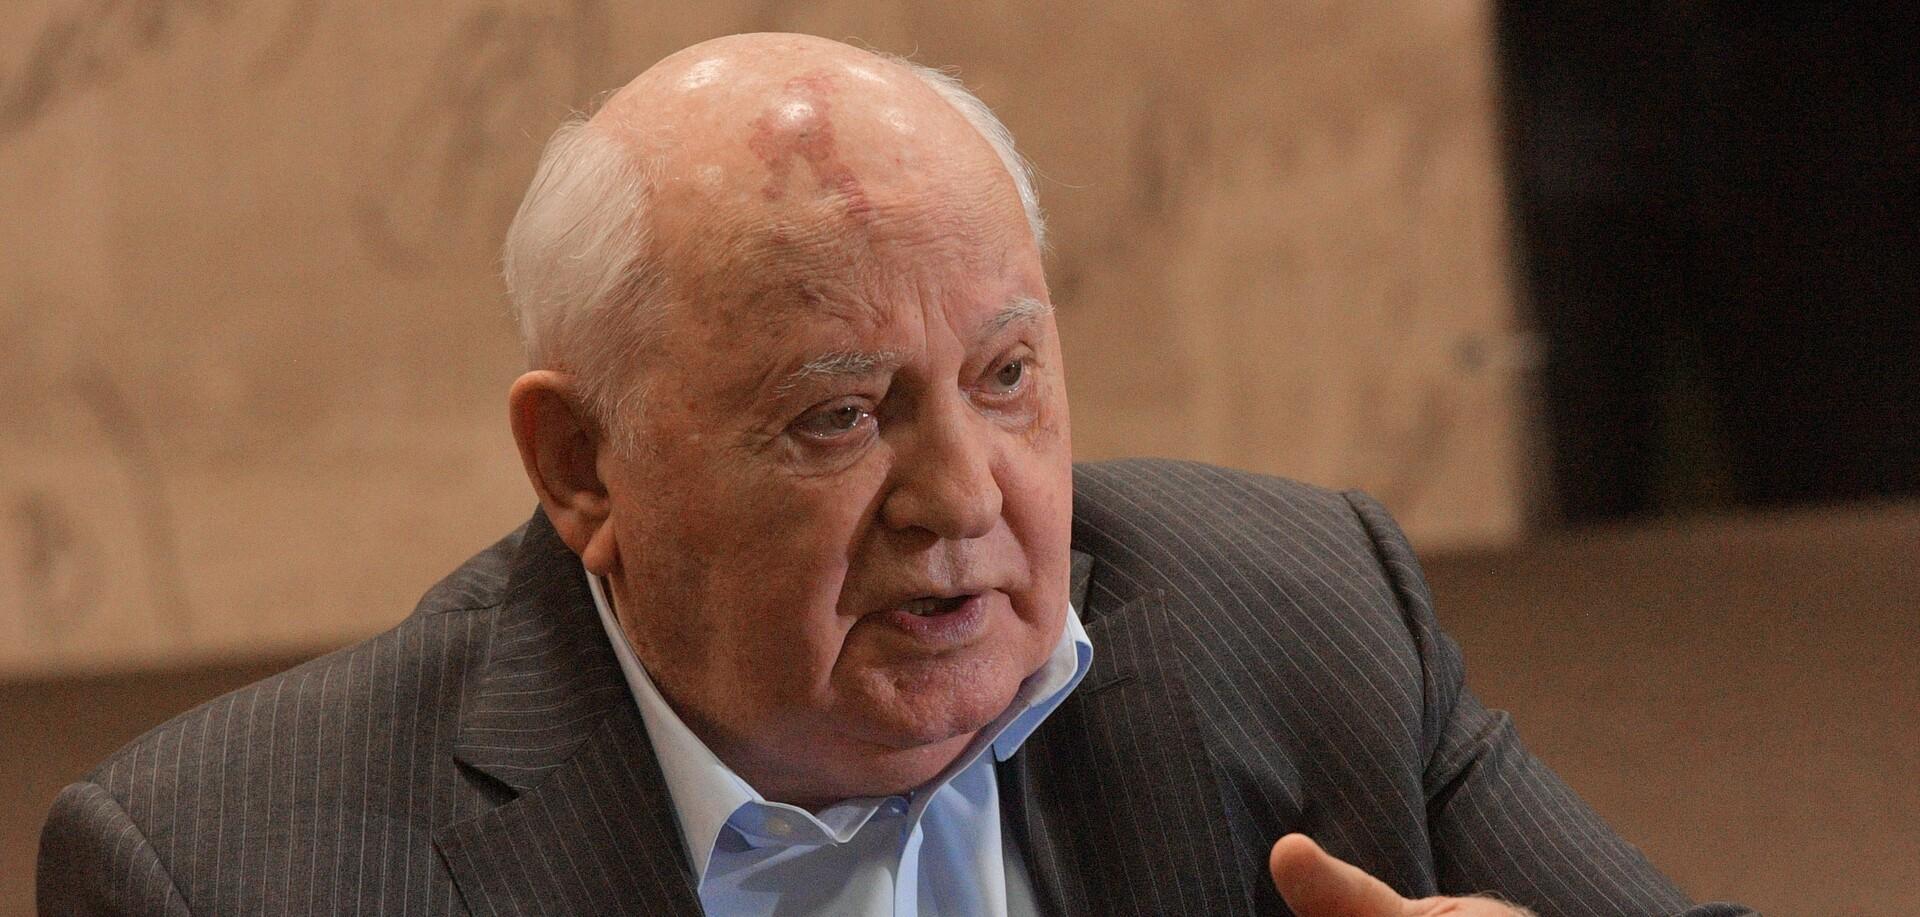 غورباتشوف: الولايات المتحدة رائدة في تدمير المعاهدات الدولية